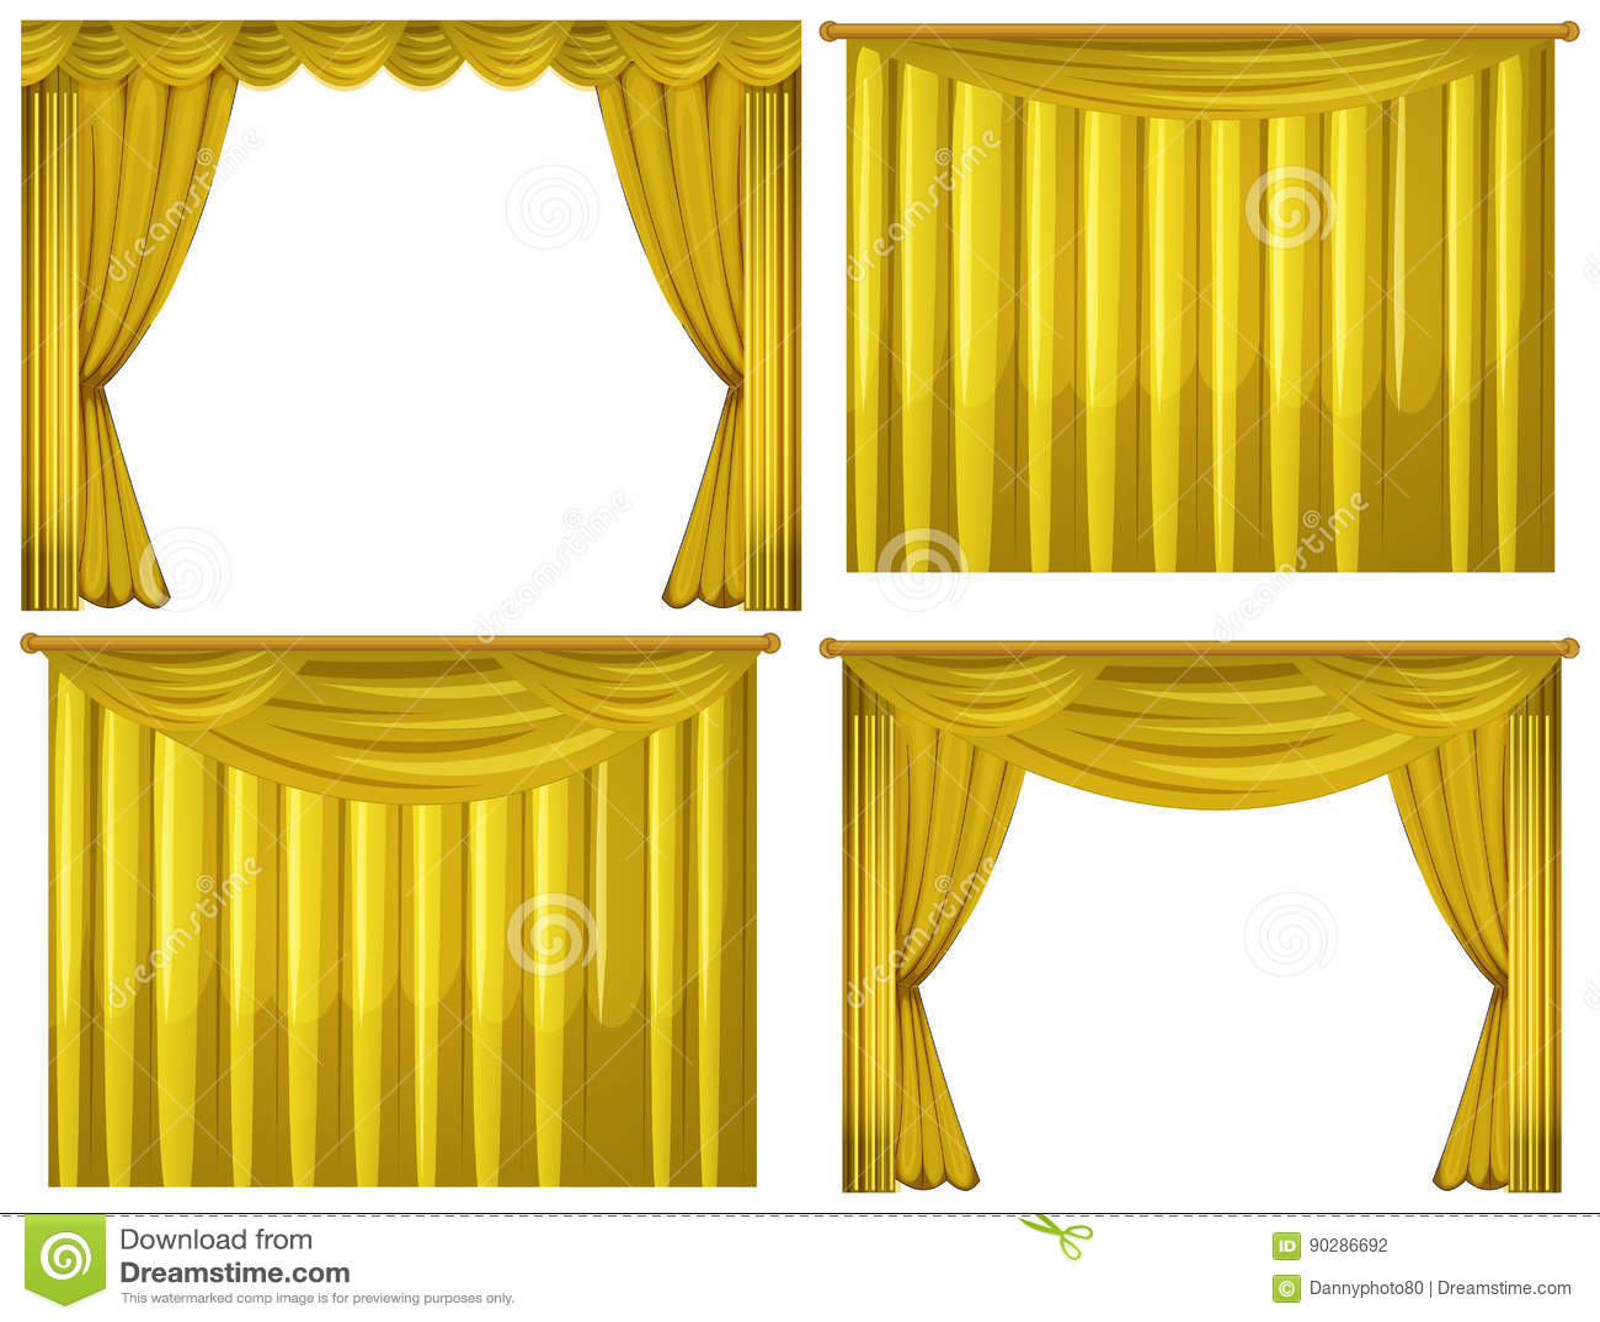 gele gordijnen in vier stijlen